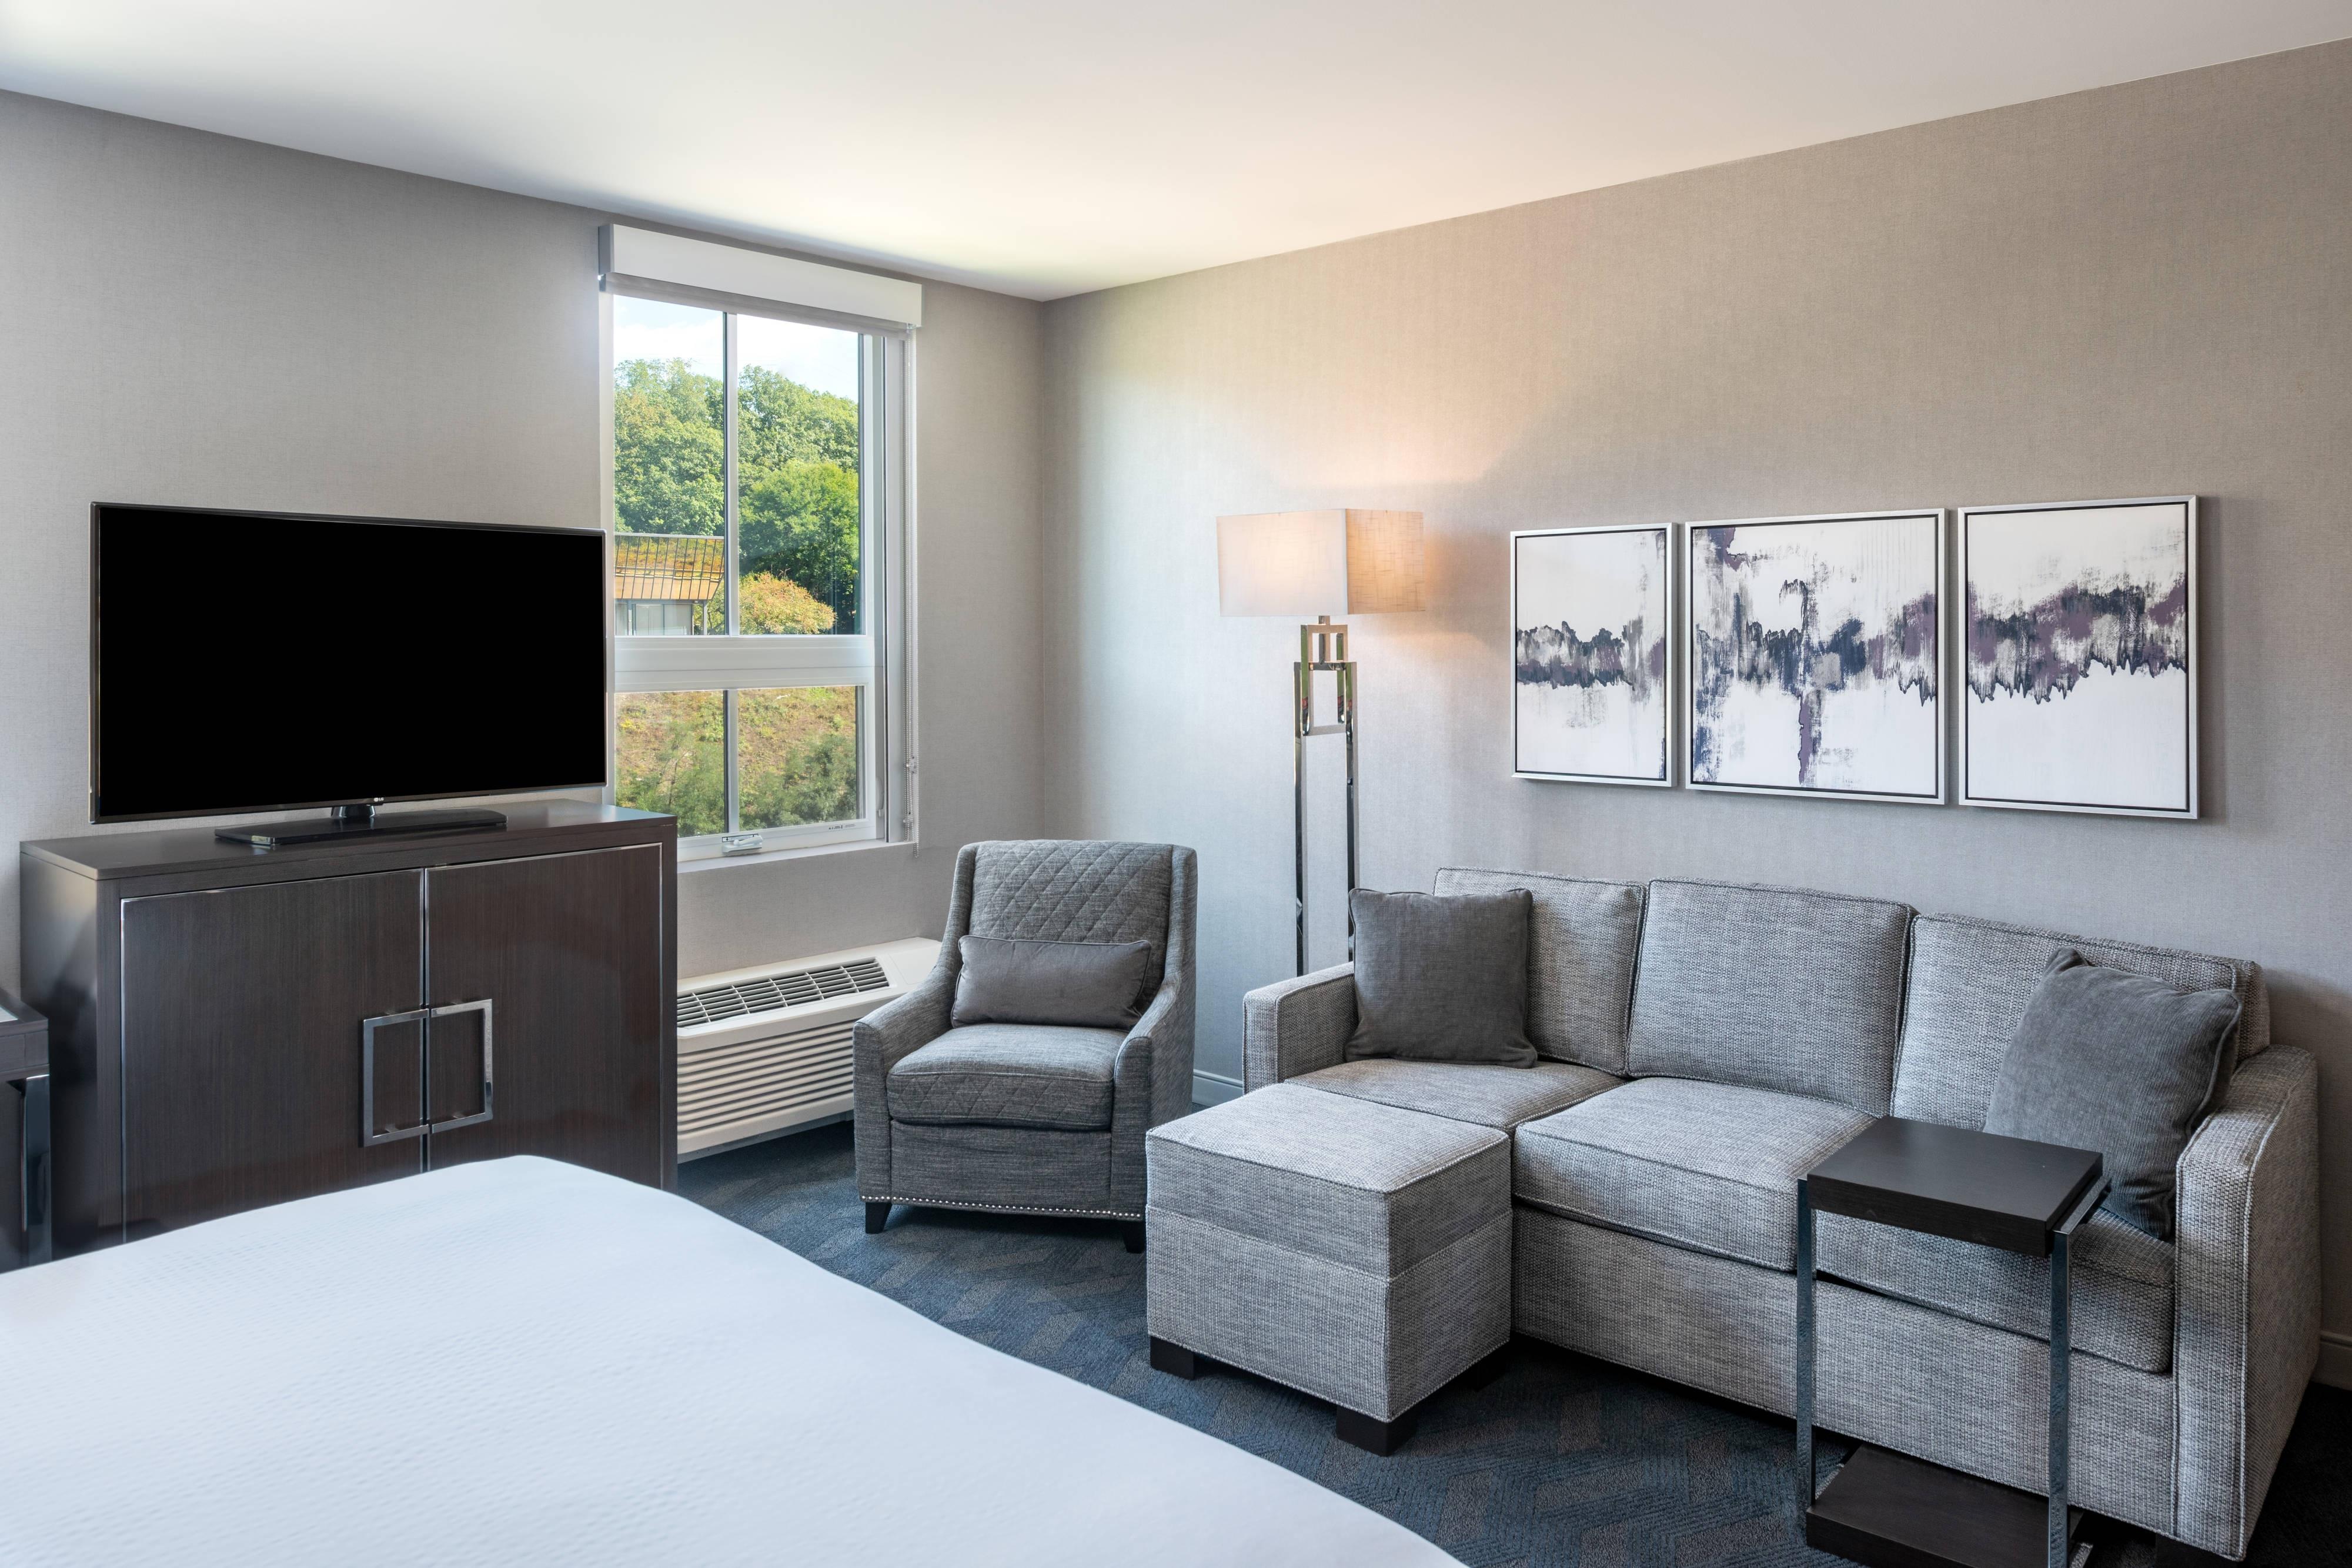 Gästezimmer mit Kingsize-Bett – Wohnbereich